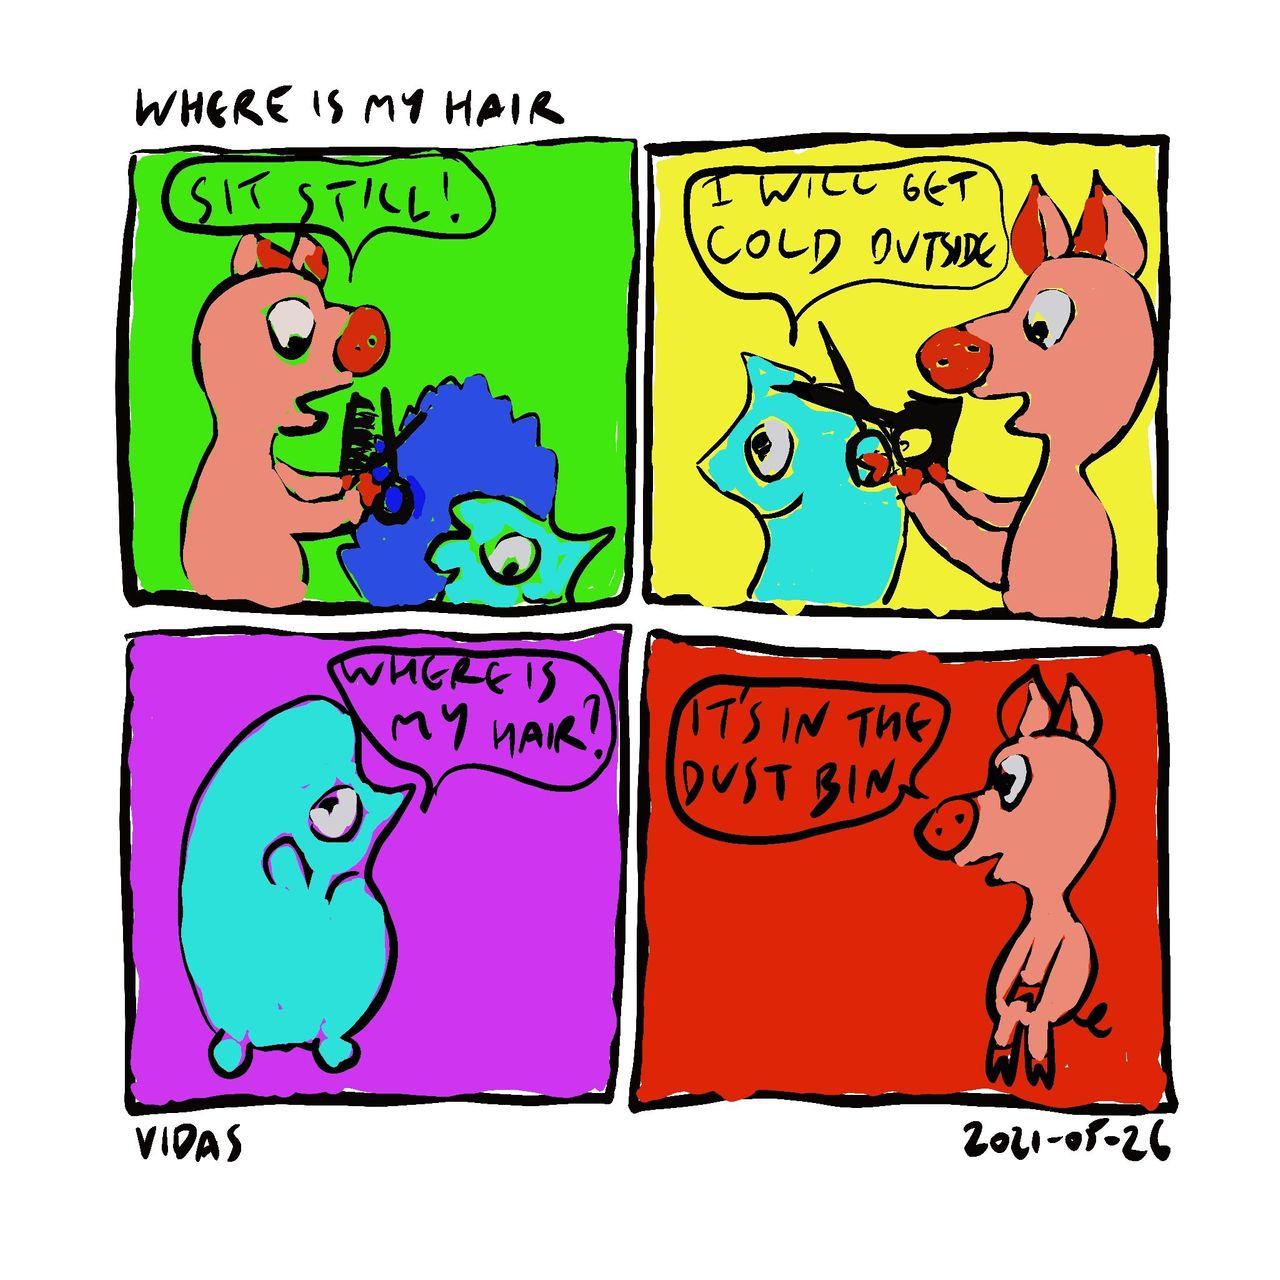 Where_Is_My_Hair.jpg